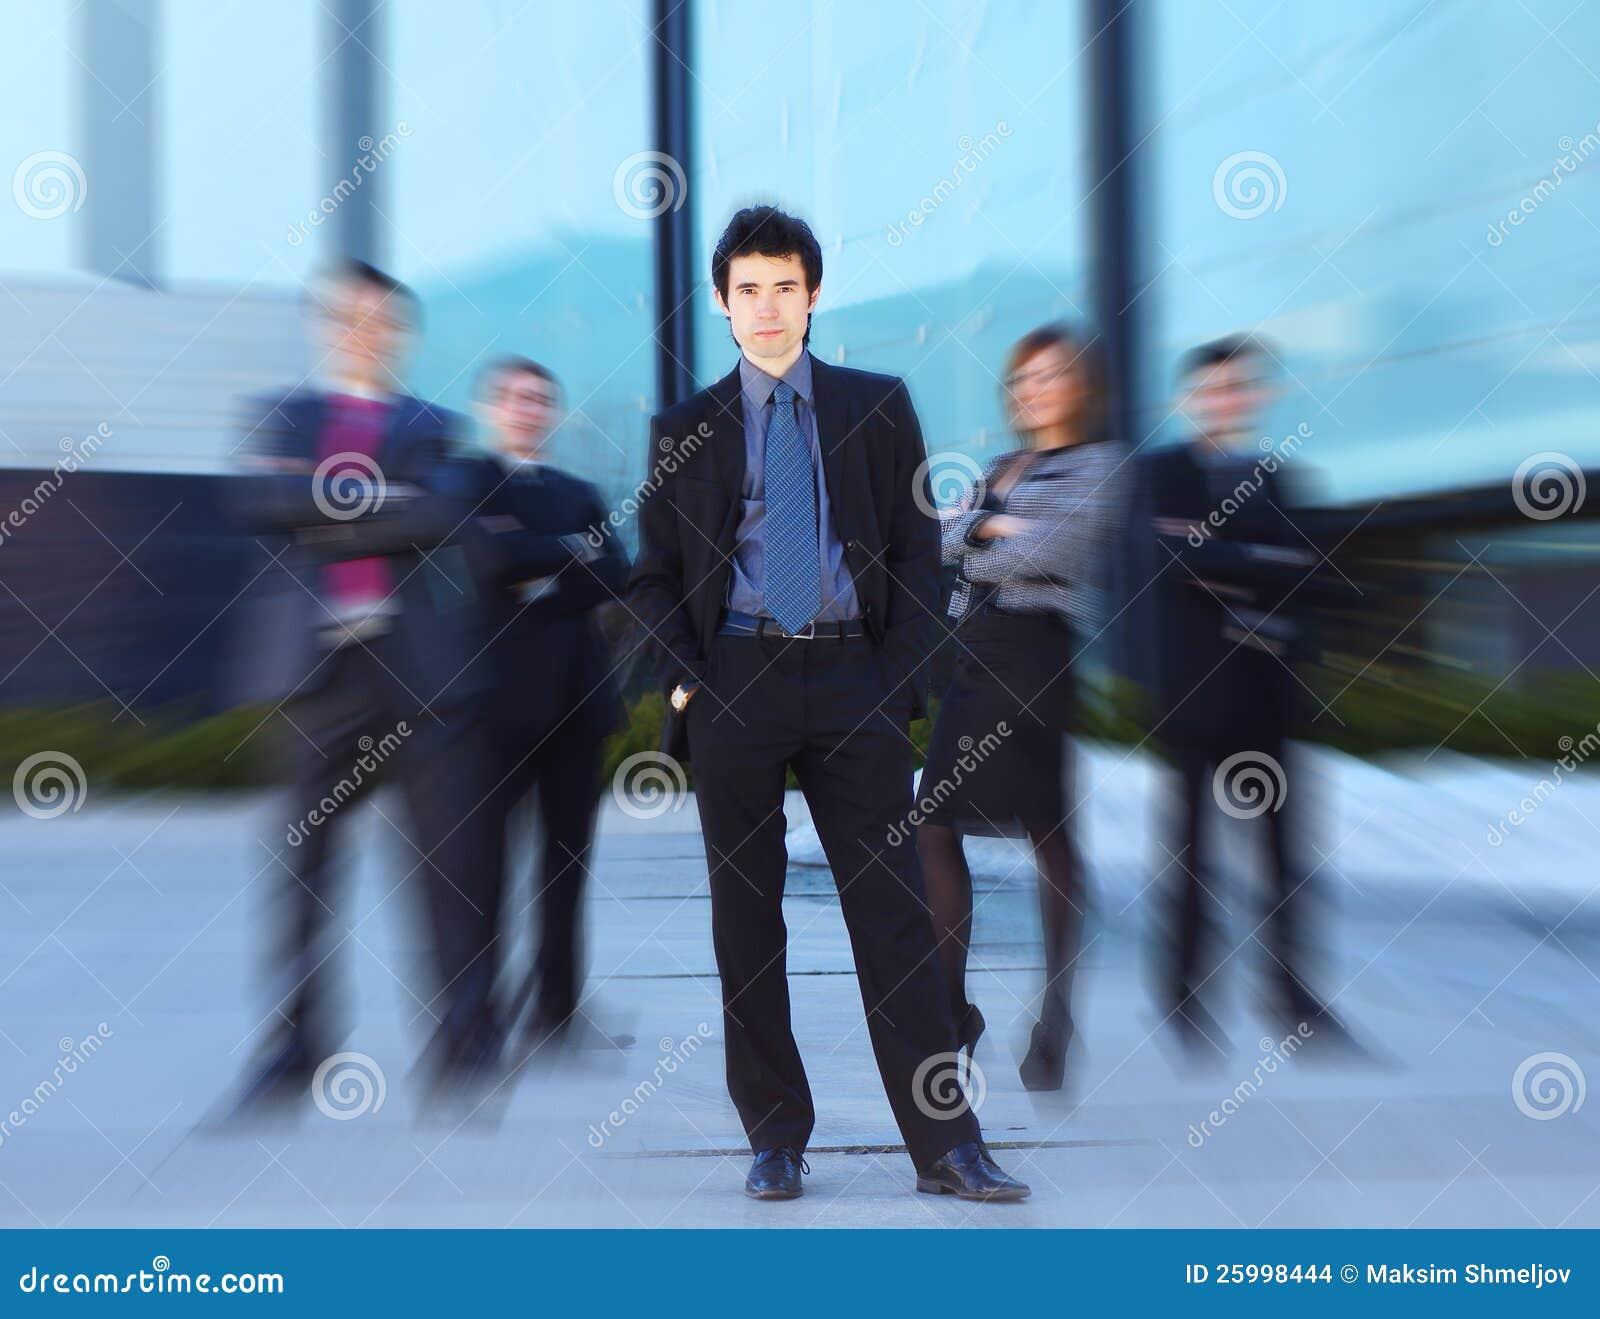 Personas de las personas jovenes del asunto en ropa formal